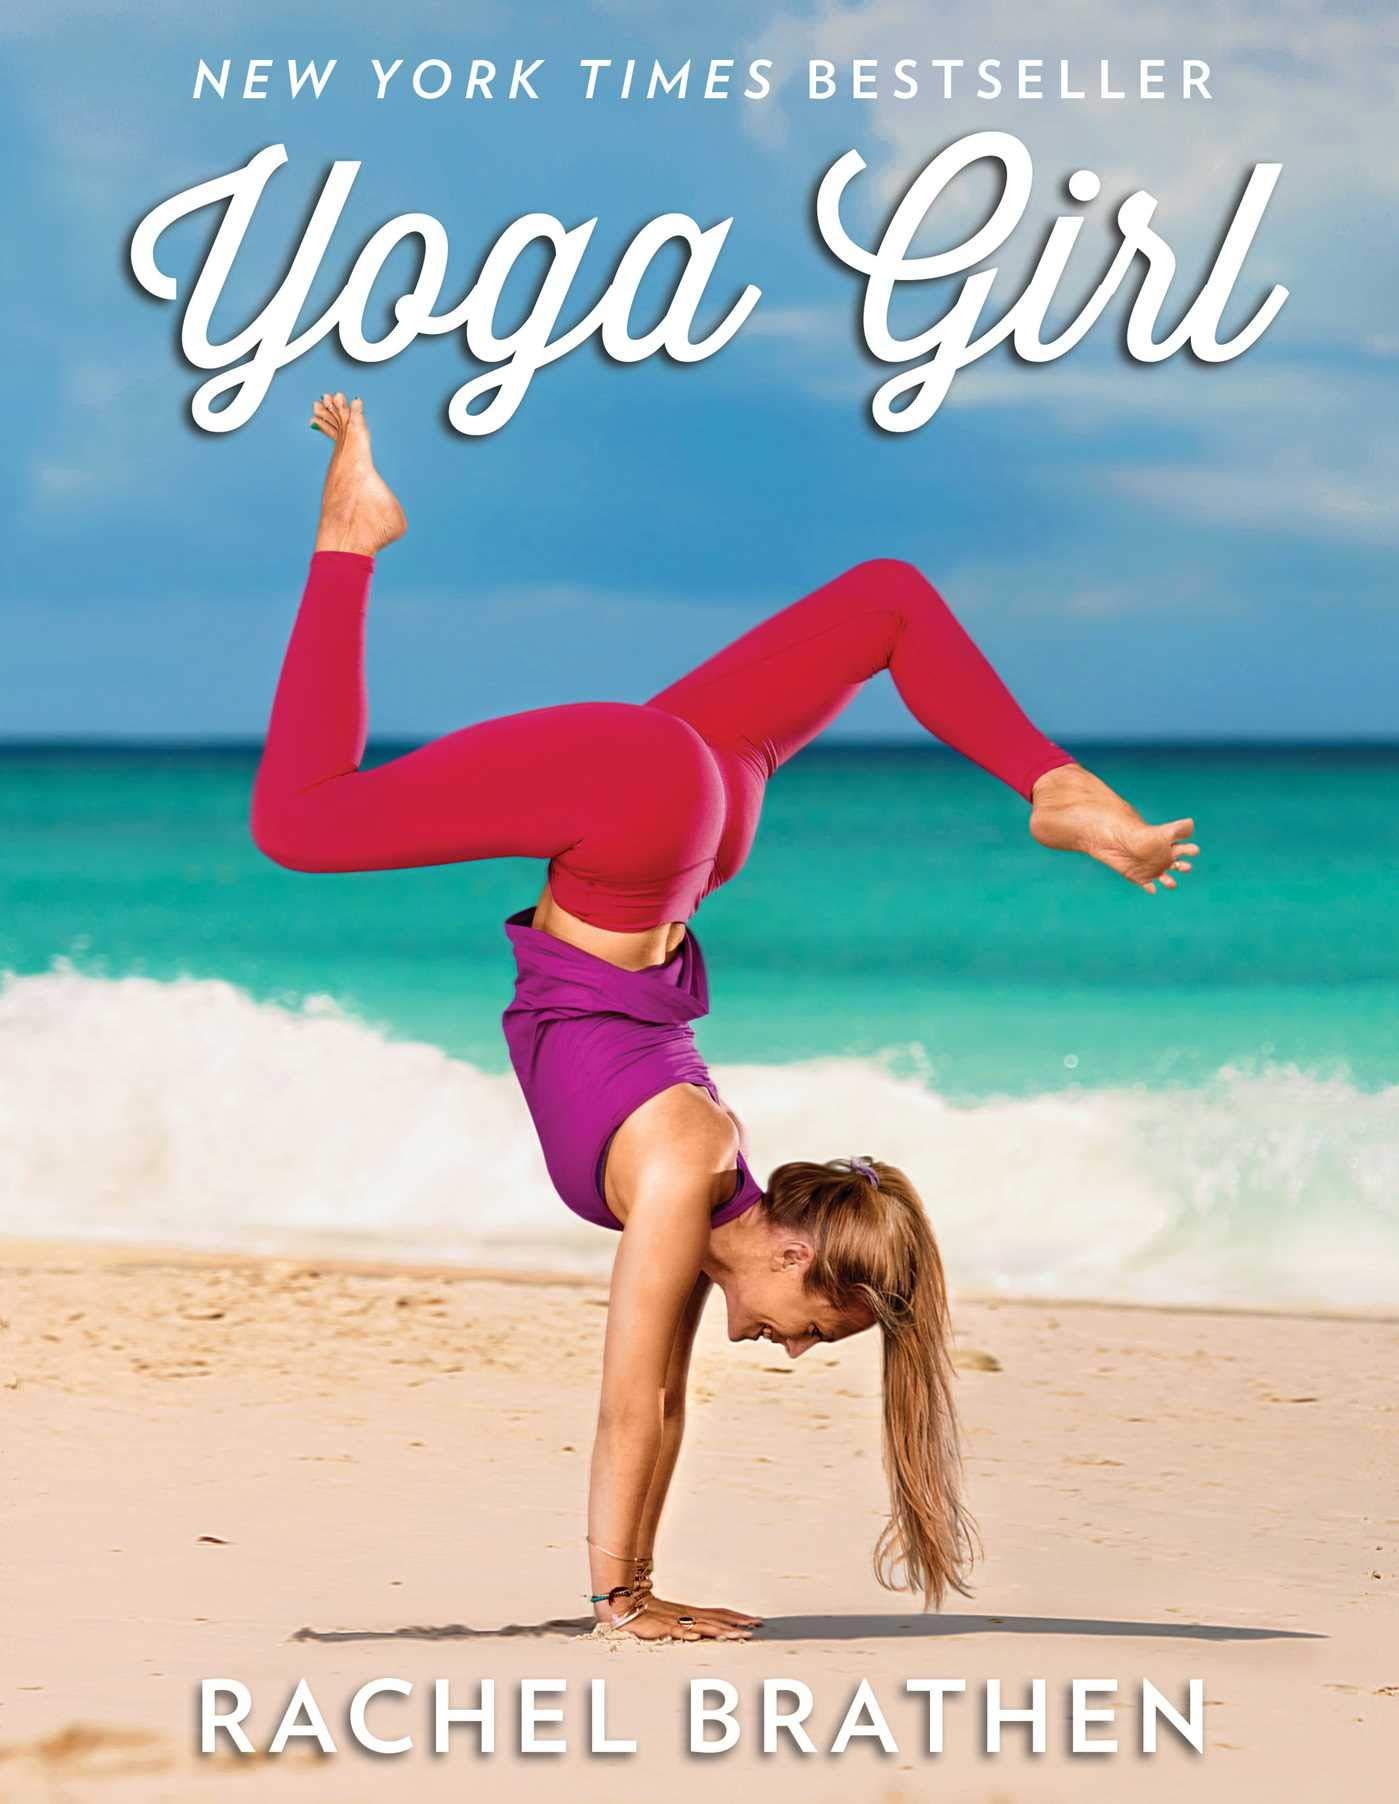 Amazon.com: Yoga Girl (9781501106767): Rachel Brathen: Books